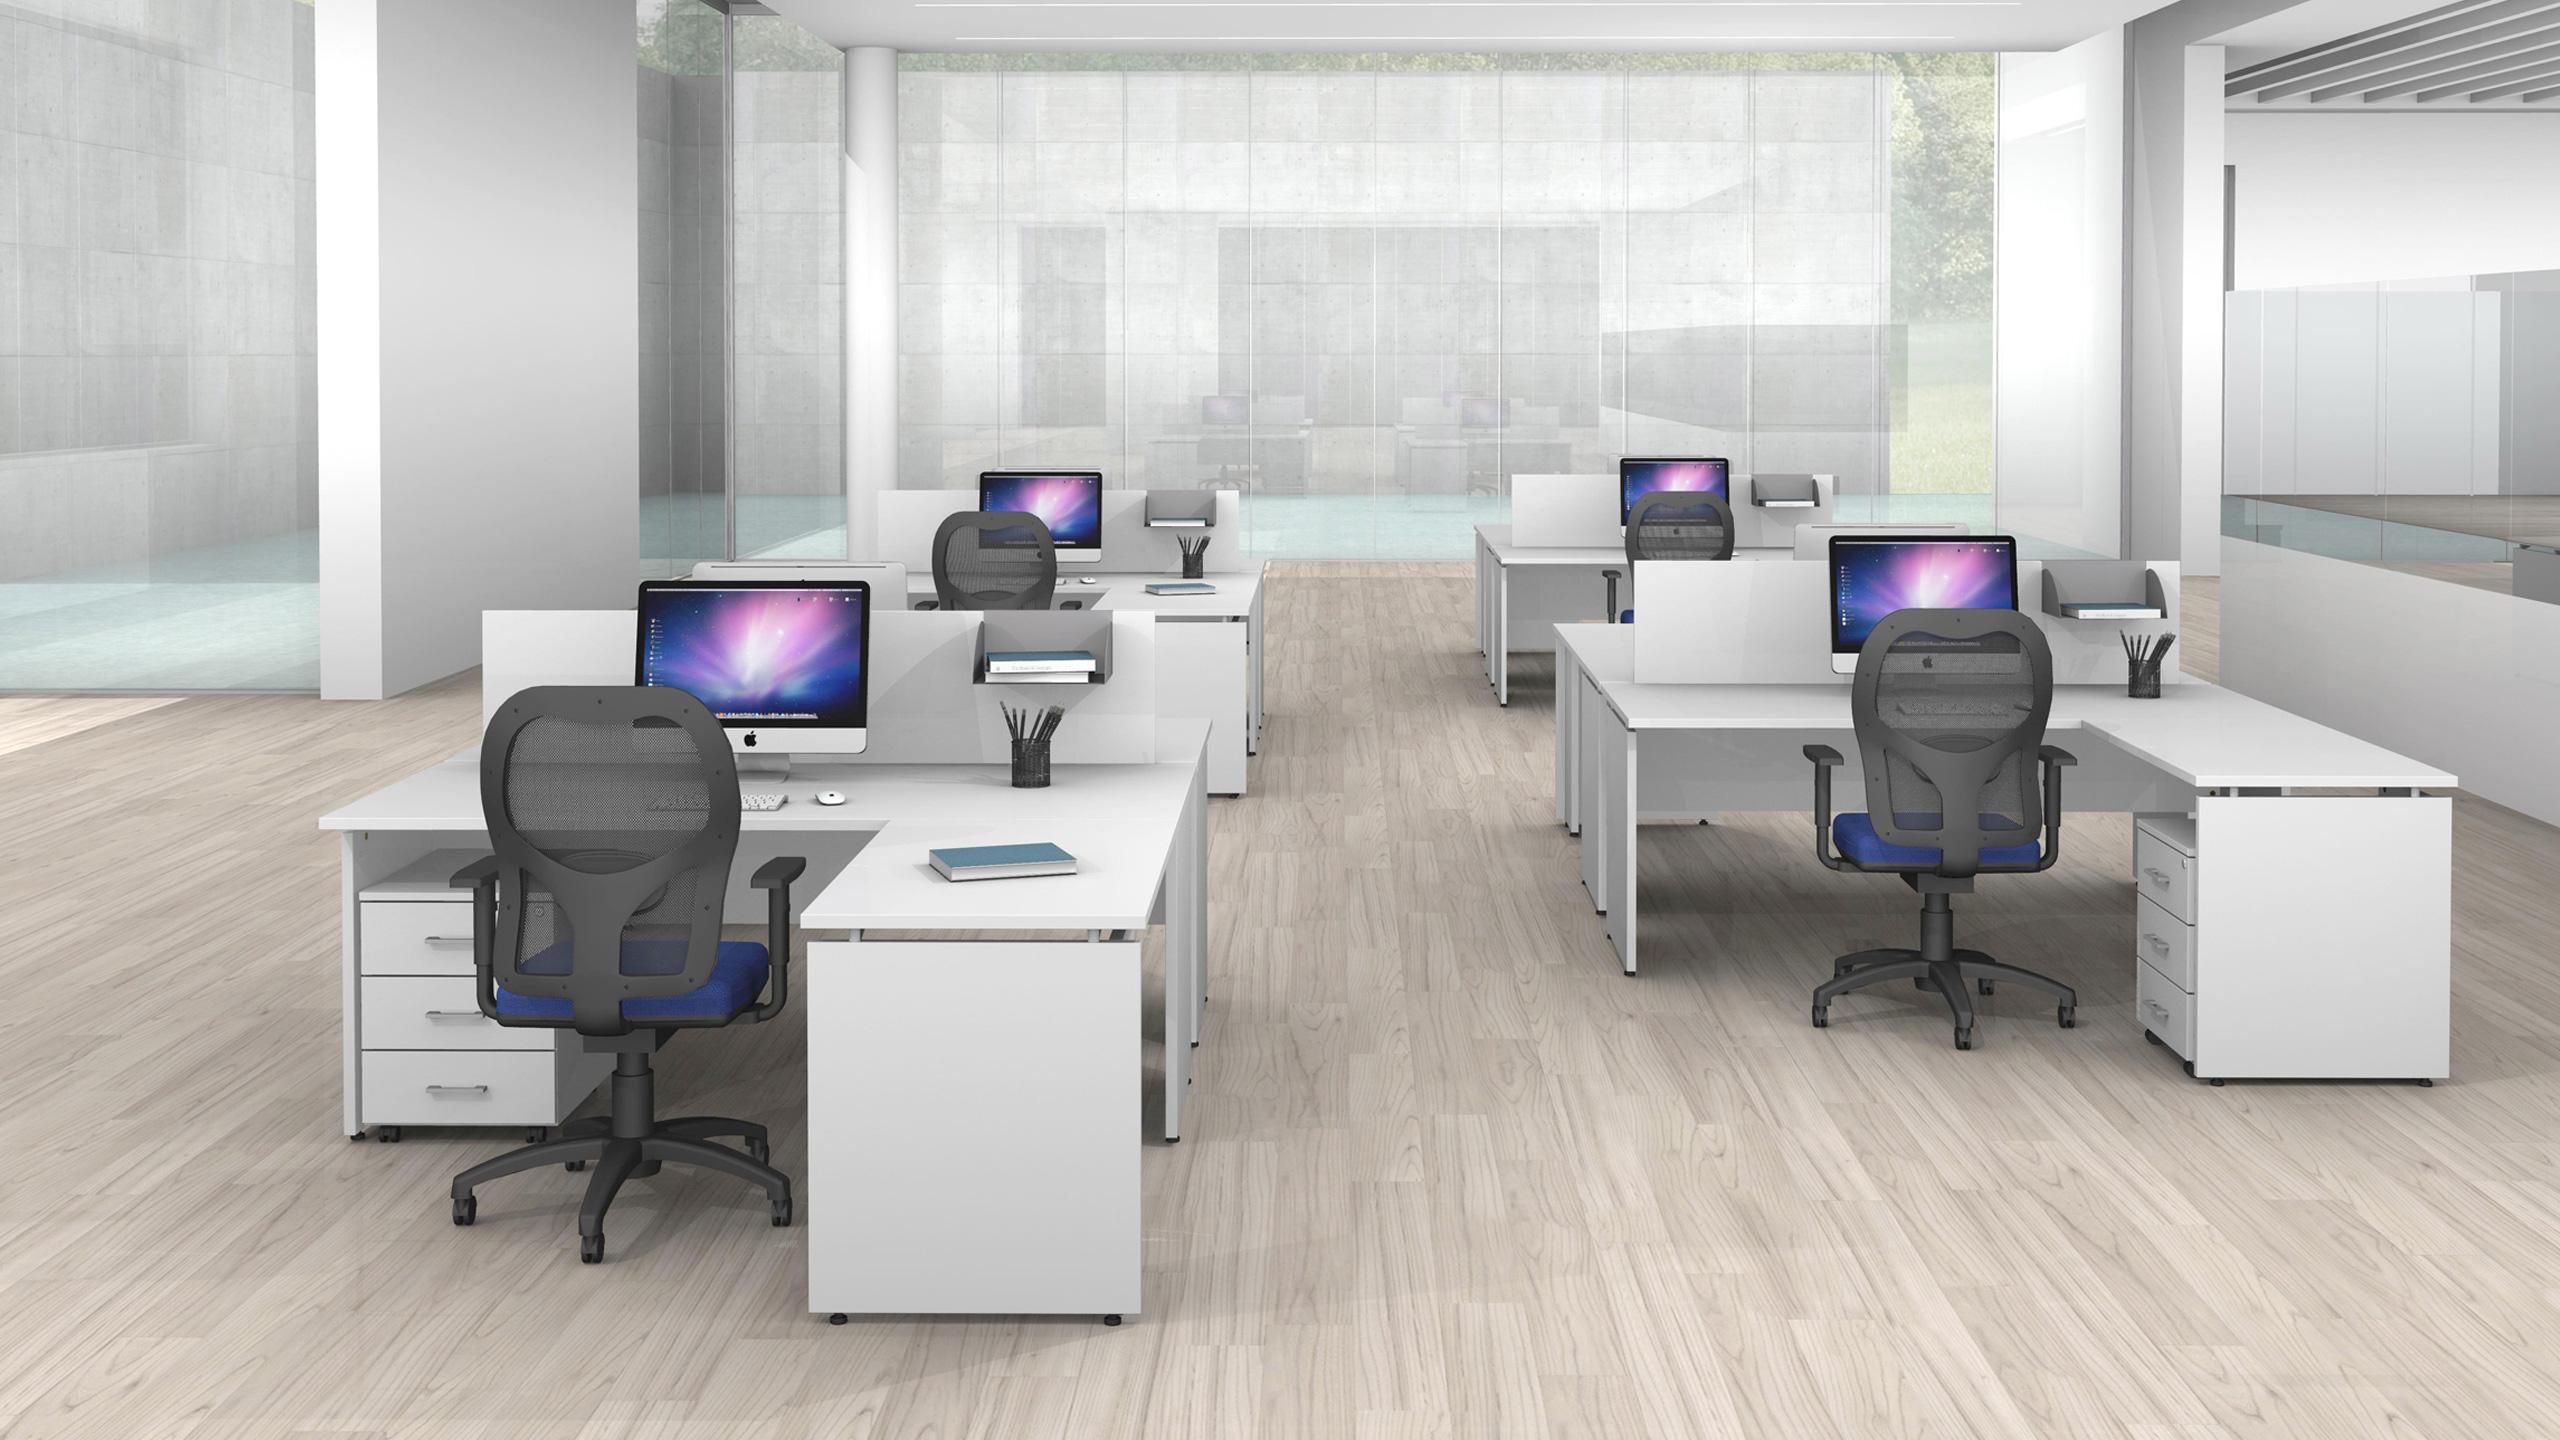 Mobili per ufficio napoli fumu for Vendita online mobili per ufficio